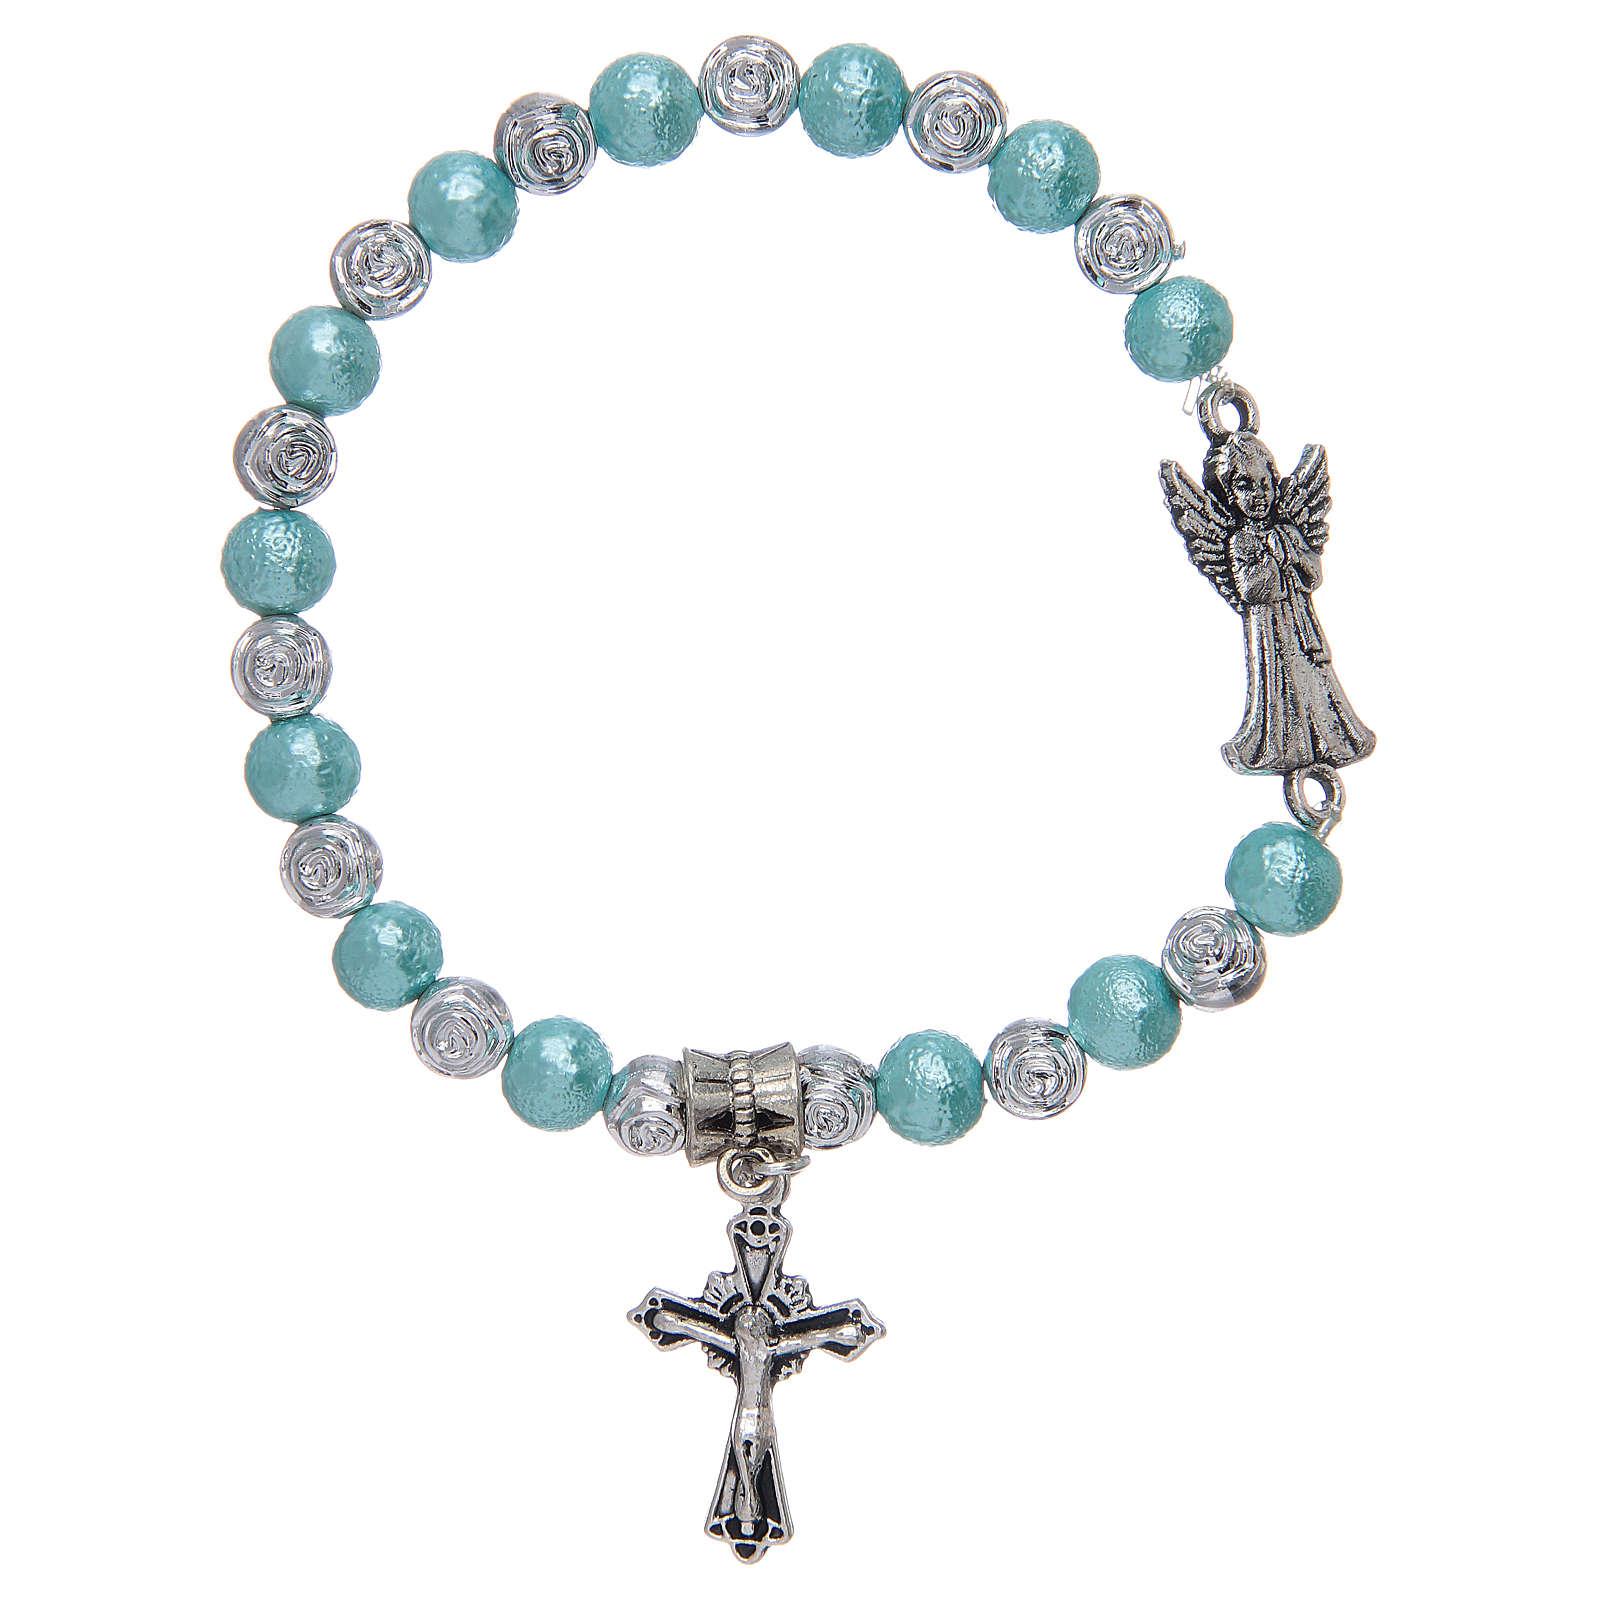 Bracelet élastique avec grains en verre ange en métal divers coloris 4